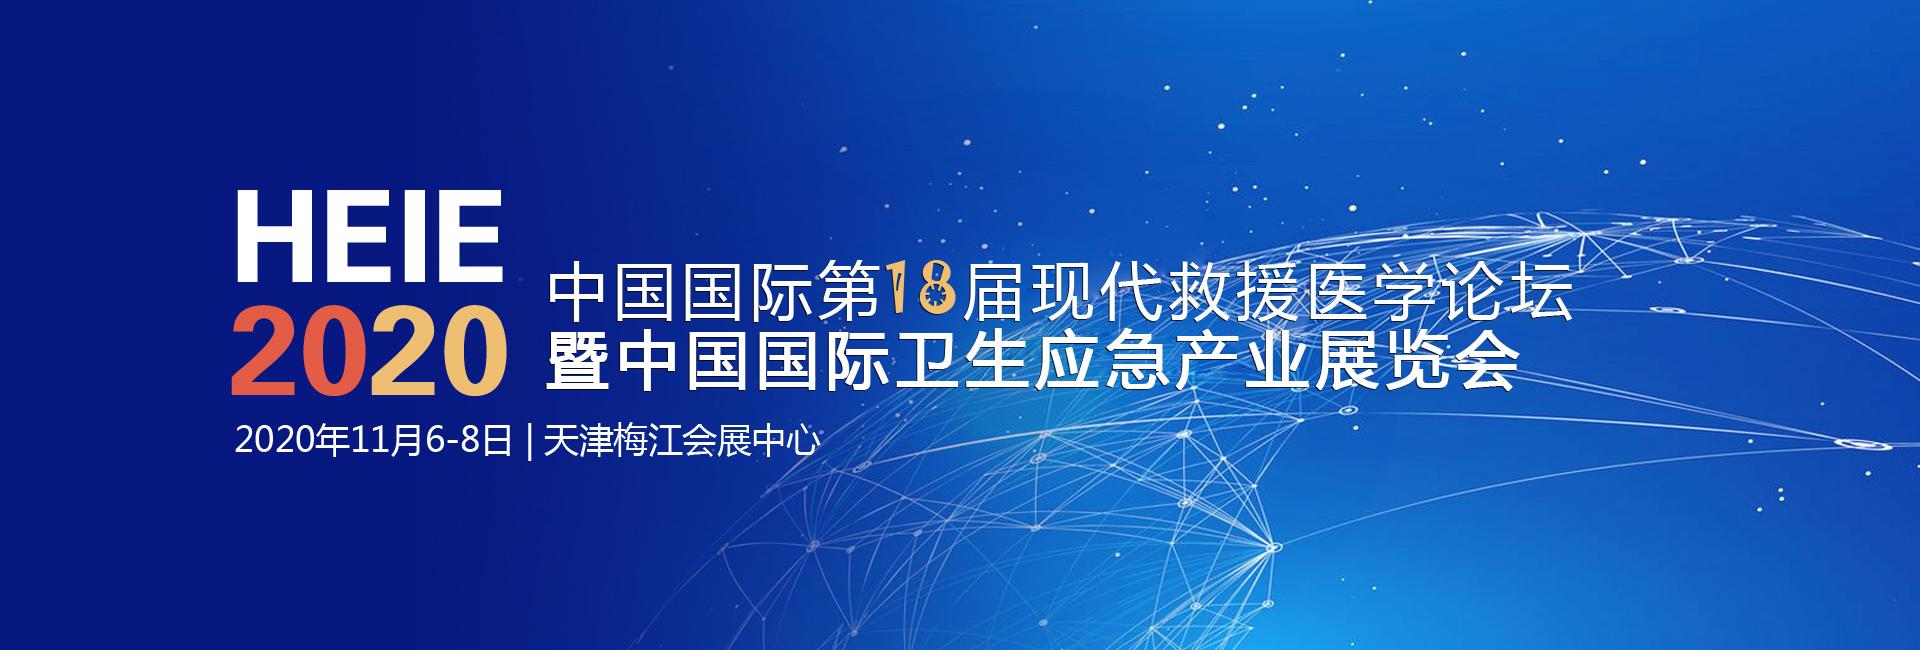 2020中国国际第18届现代救援医学论坛暨中国国际卫生应急产业展览会